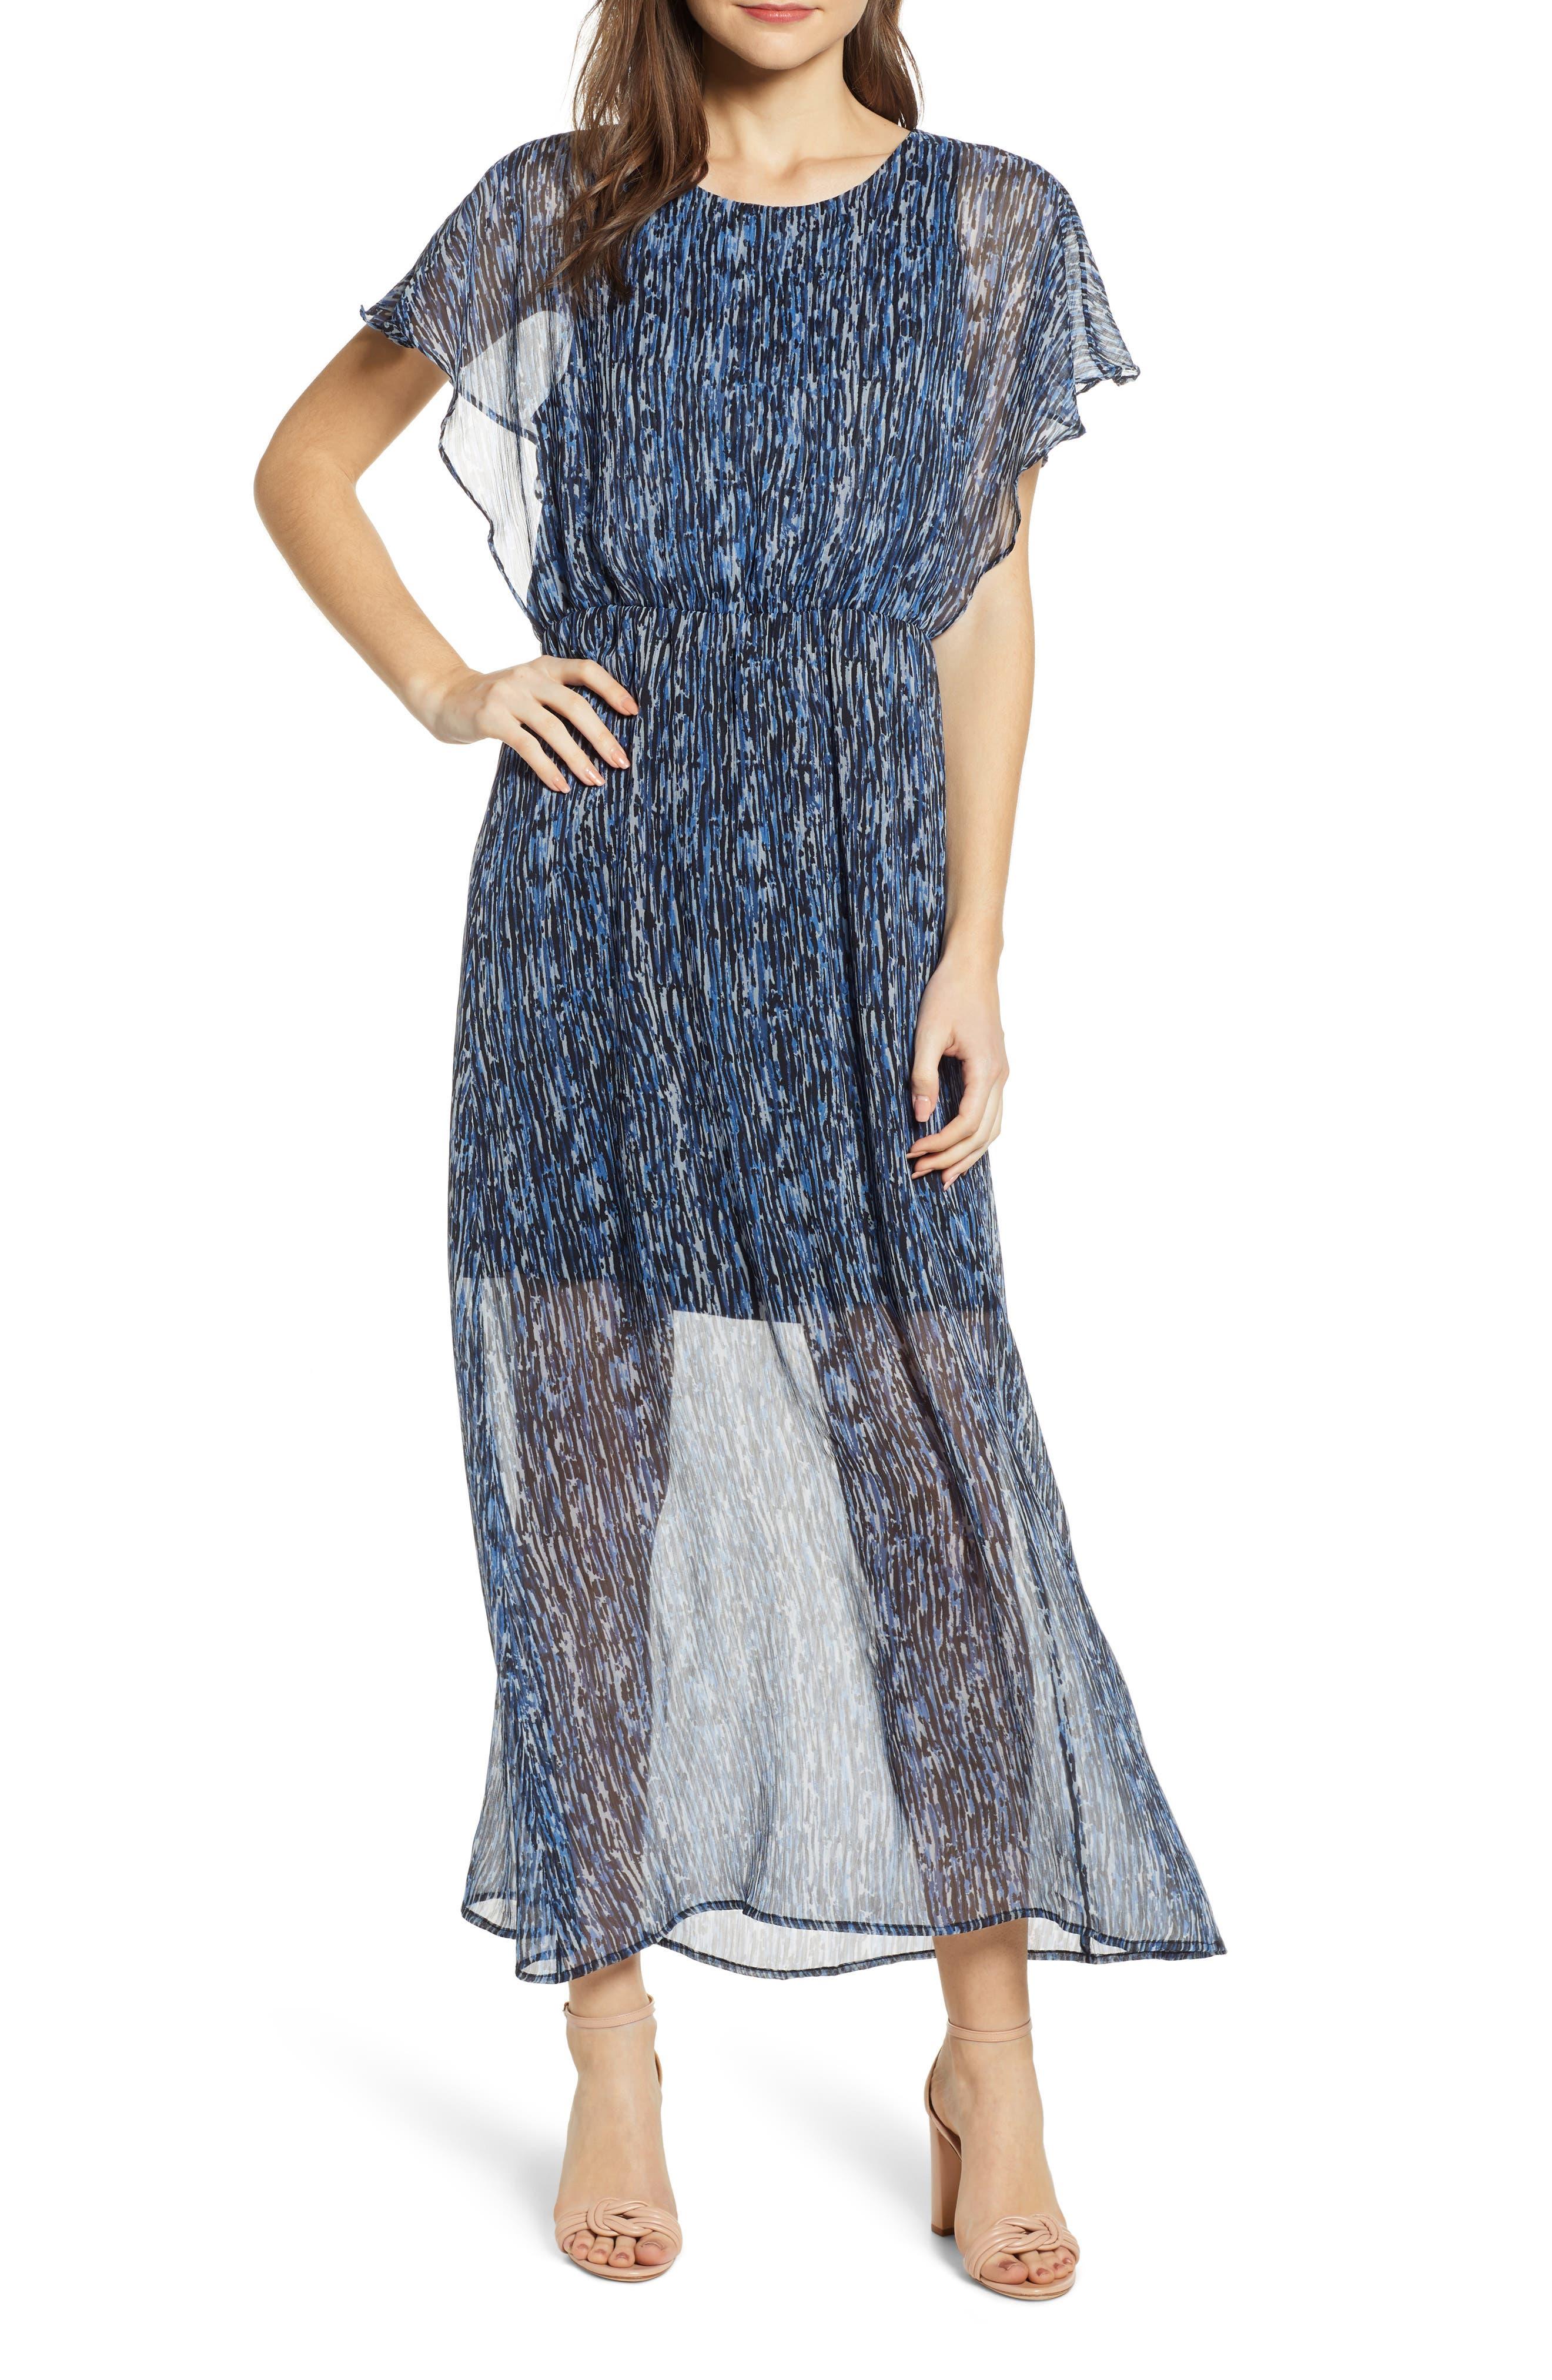 Vero Moda Fay Ruffle Sleeve Maxi Dress, Black